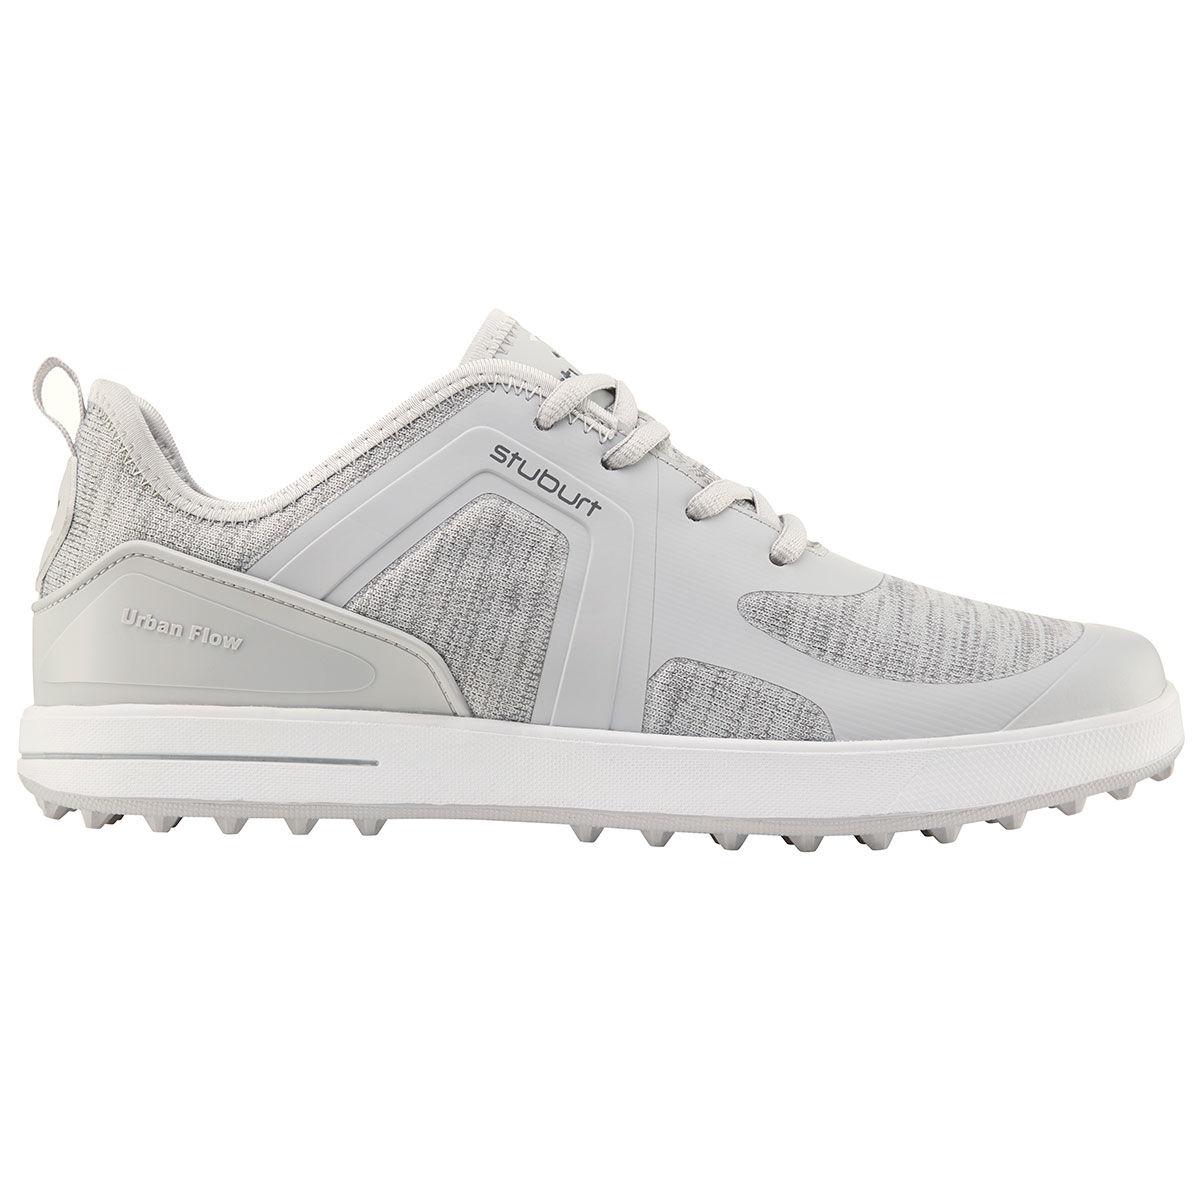 Stuburt Urban Flow Spikeless Shoes